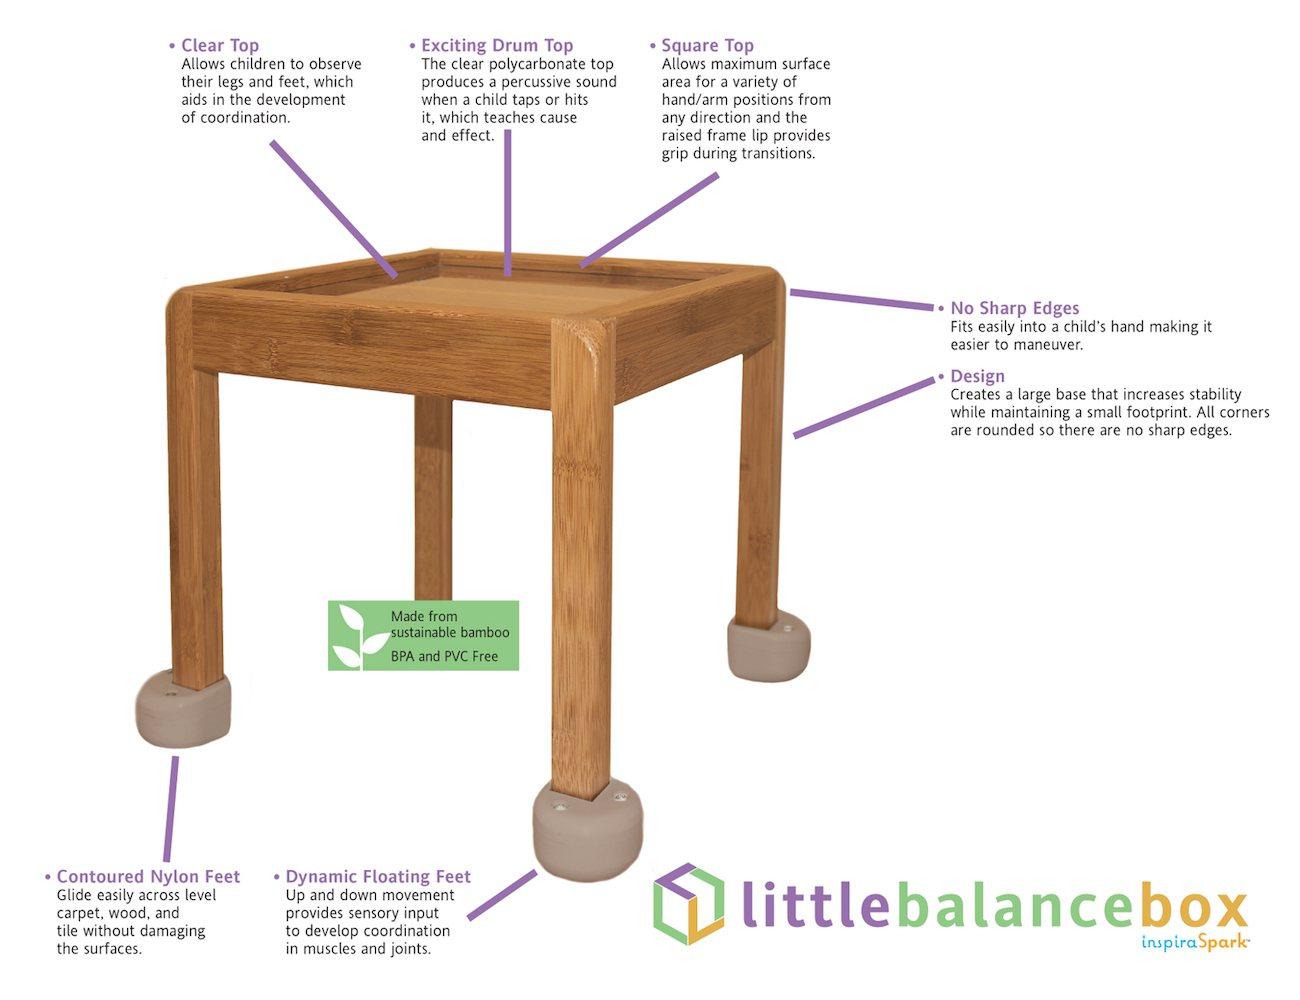 little-balance-box-3